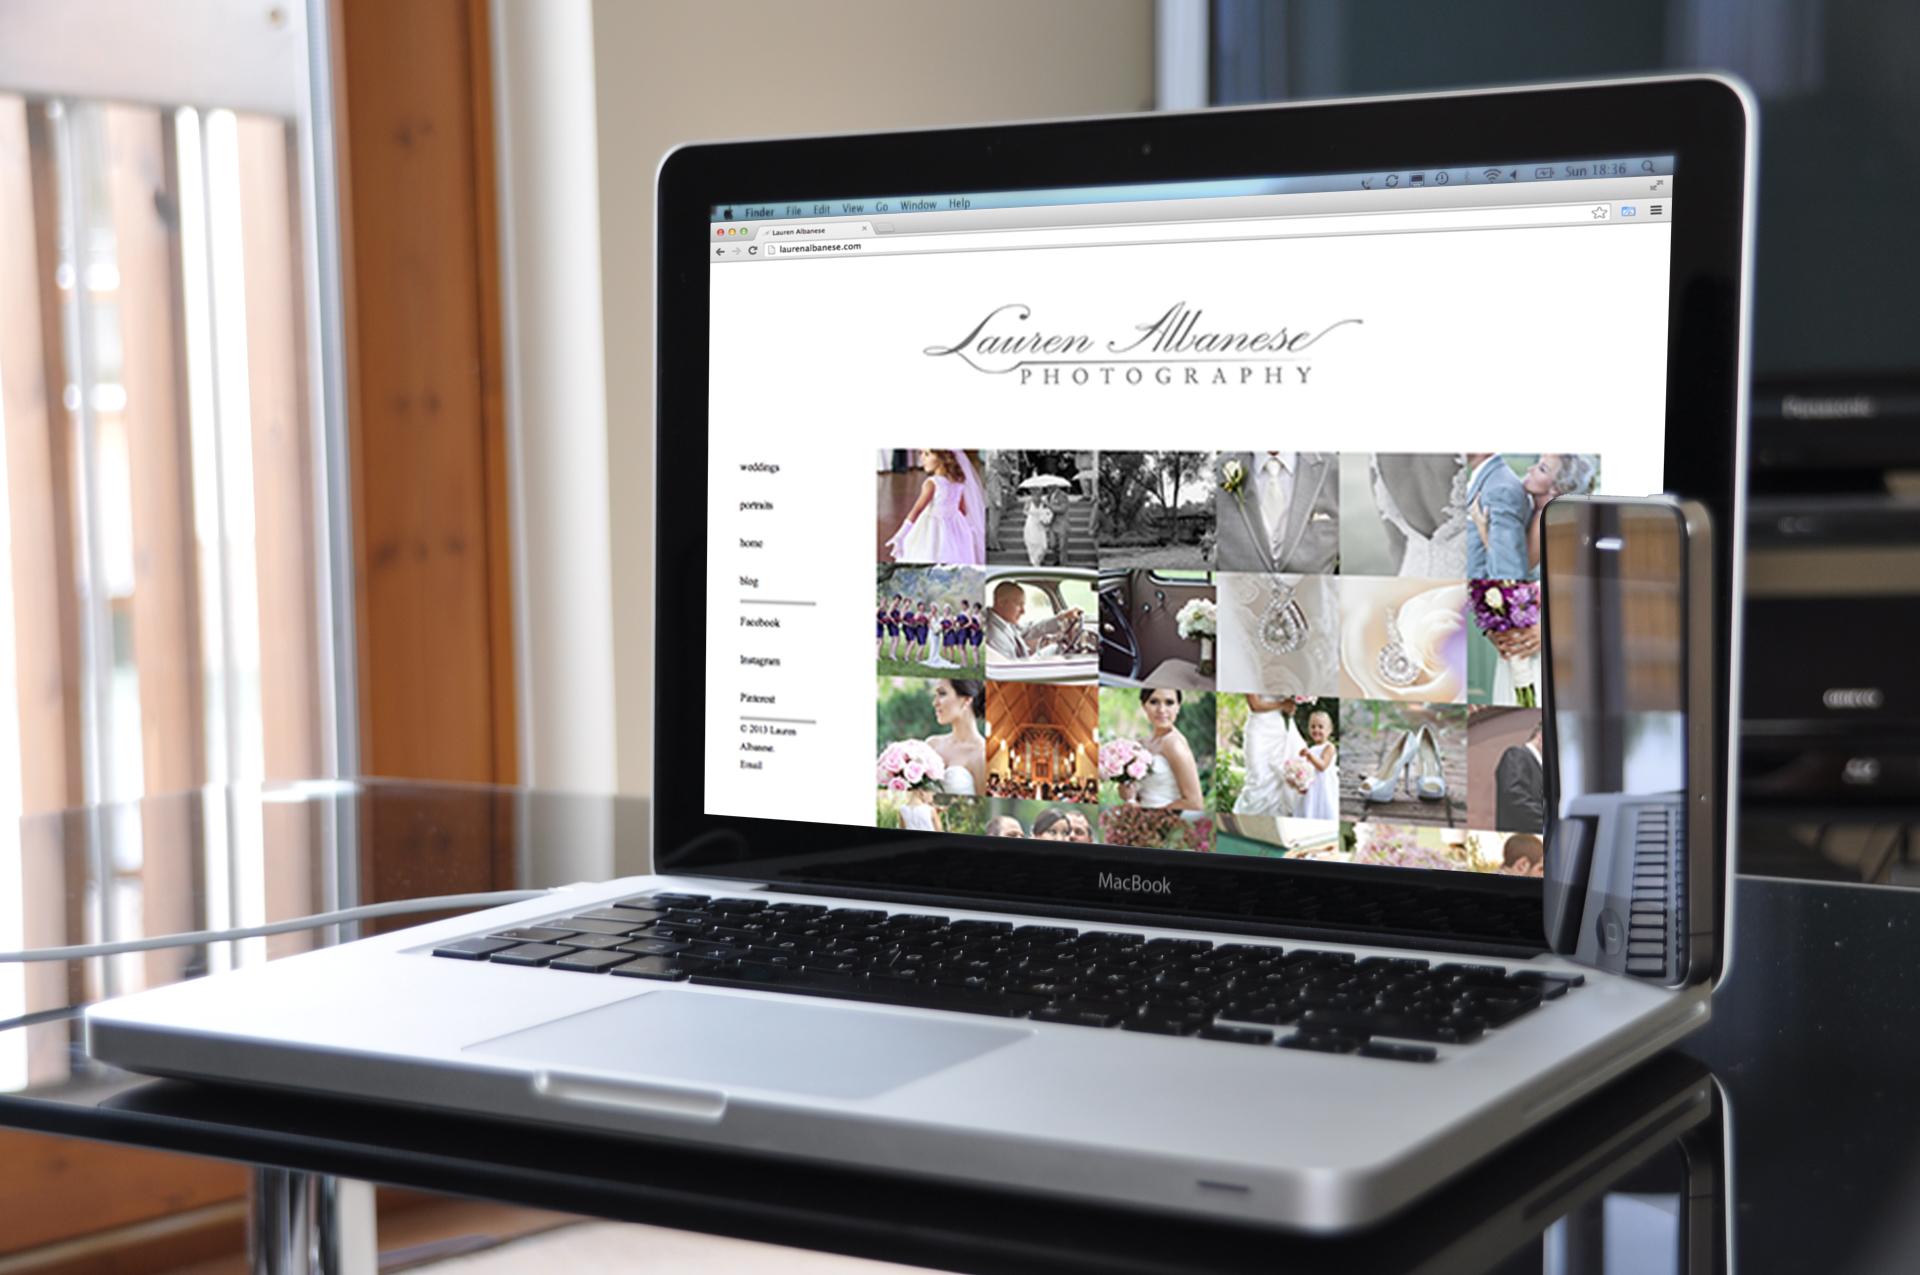 Lauren Albanese Photography website